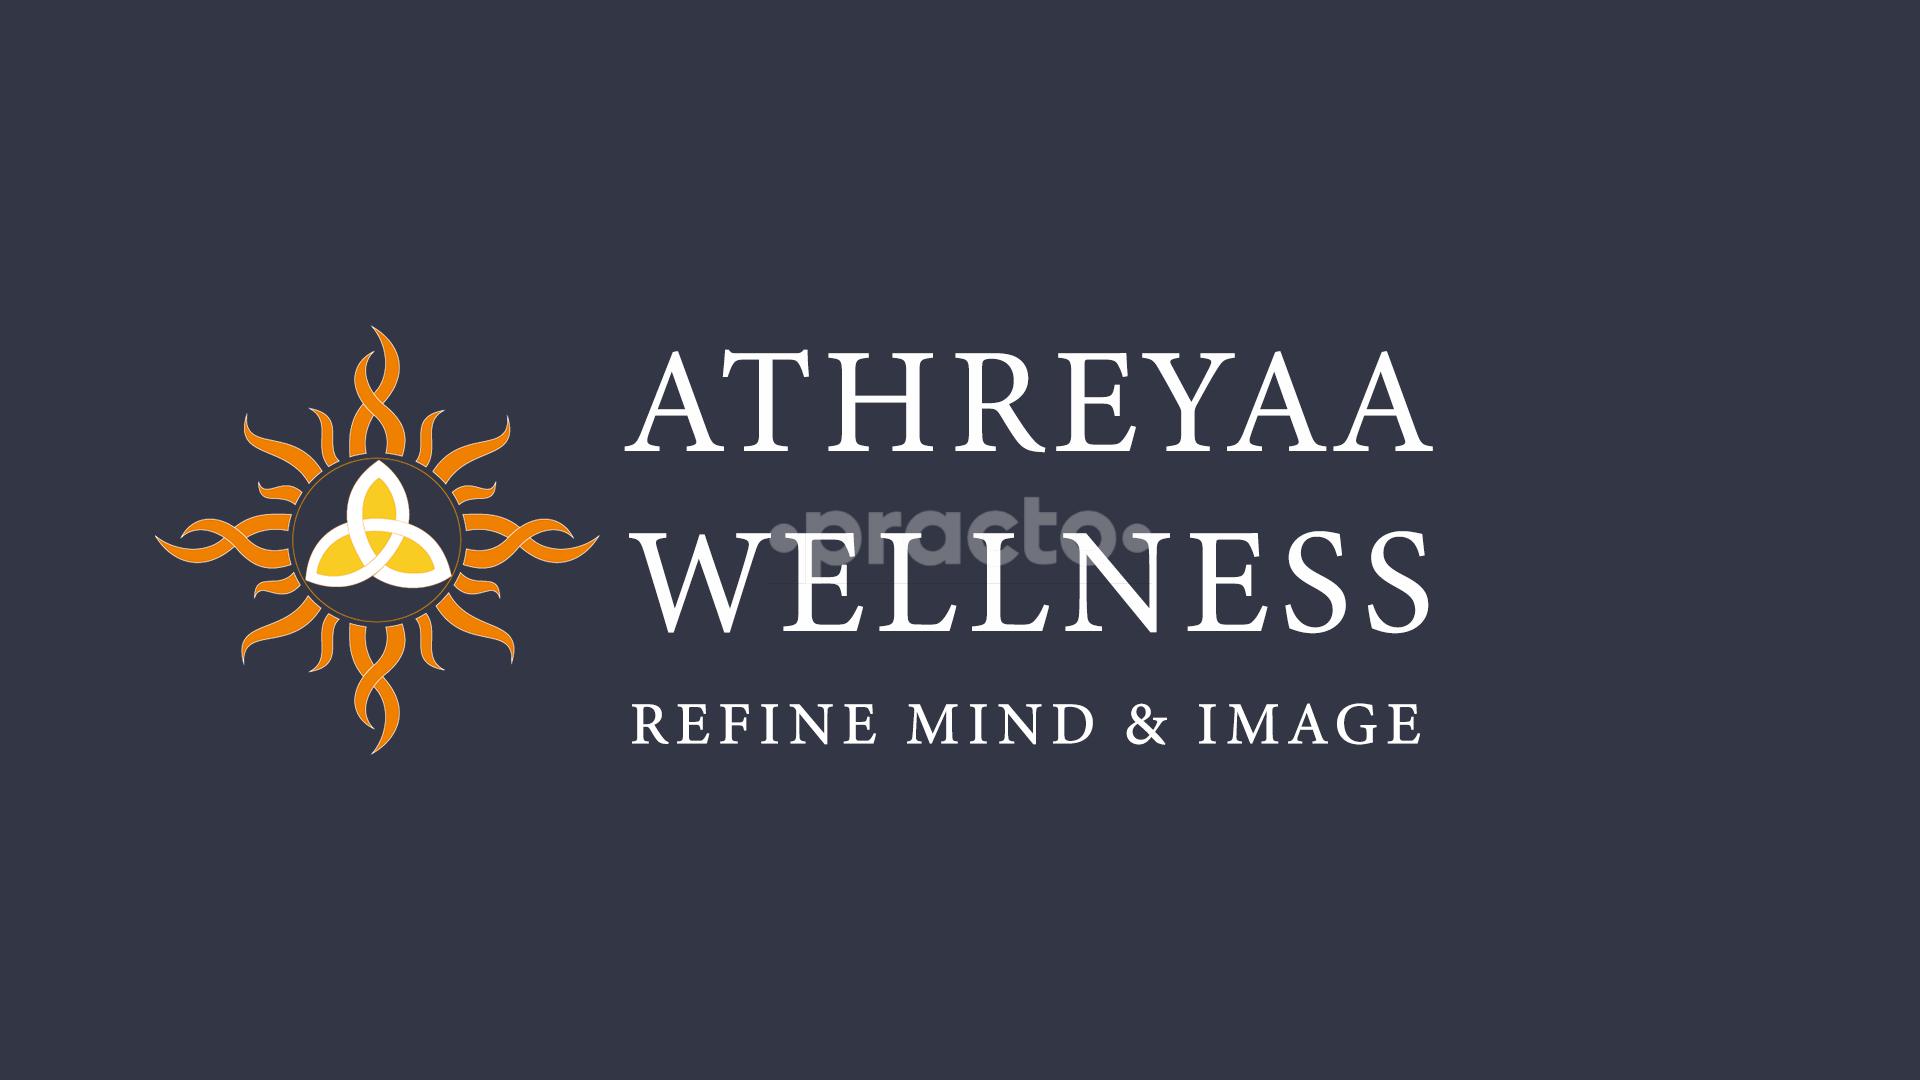 Athreyaa Wellness